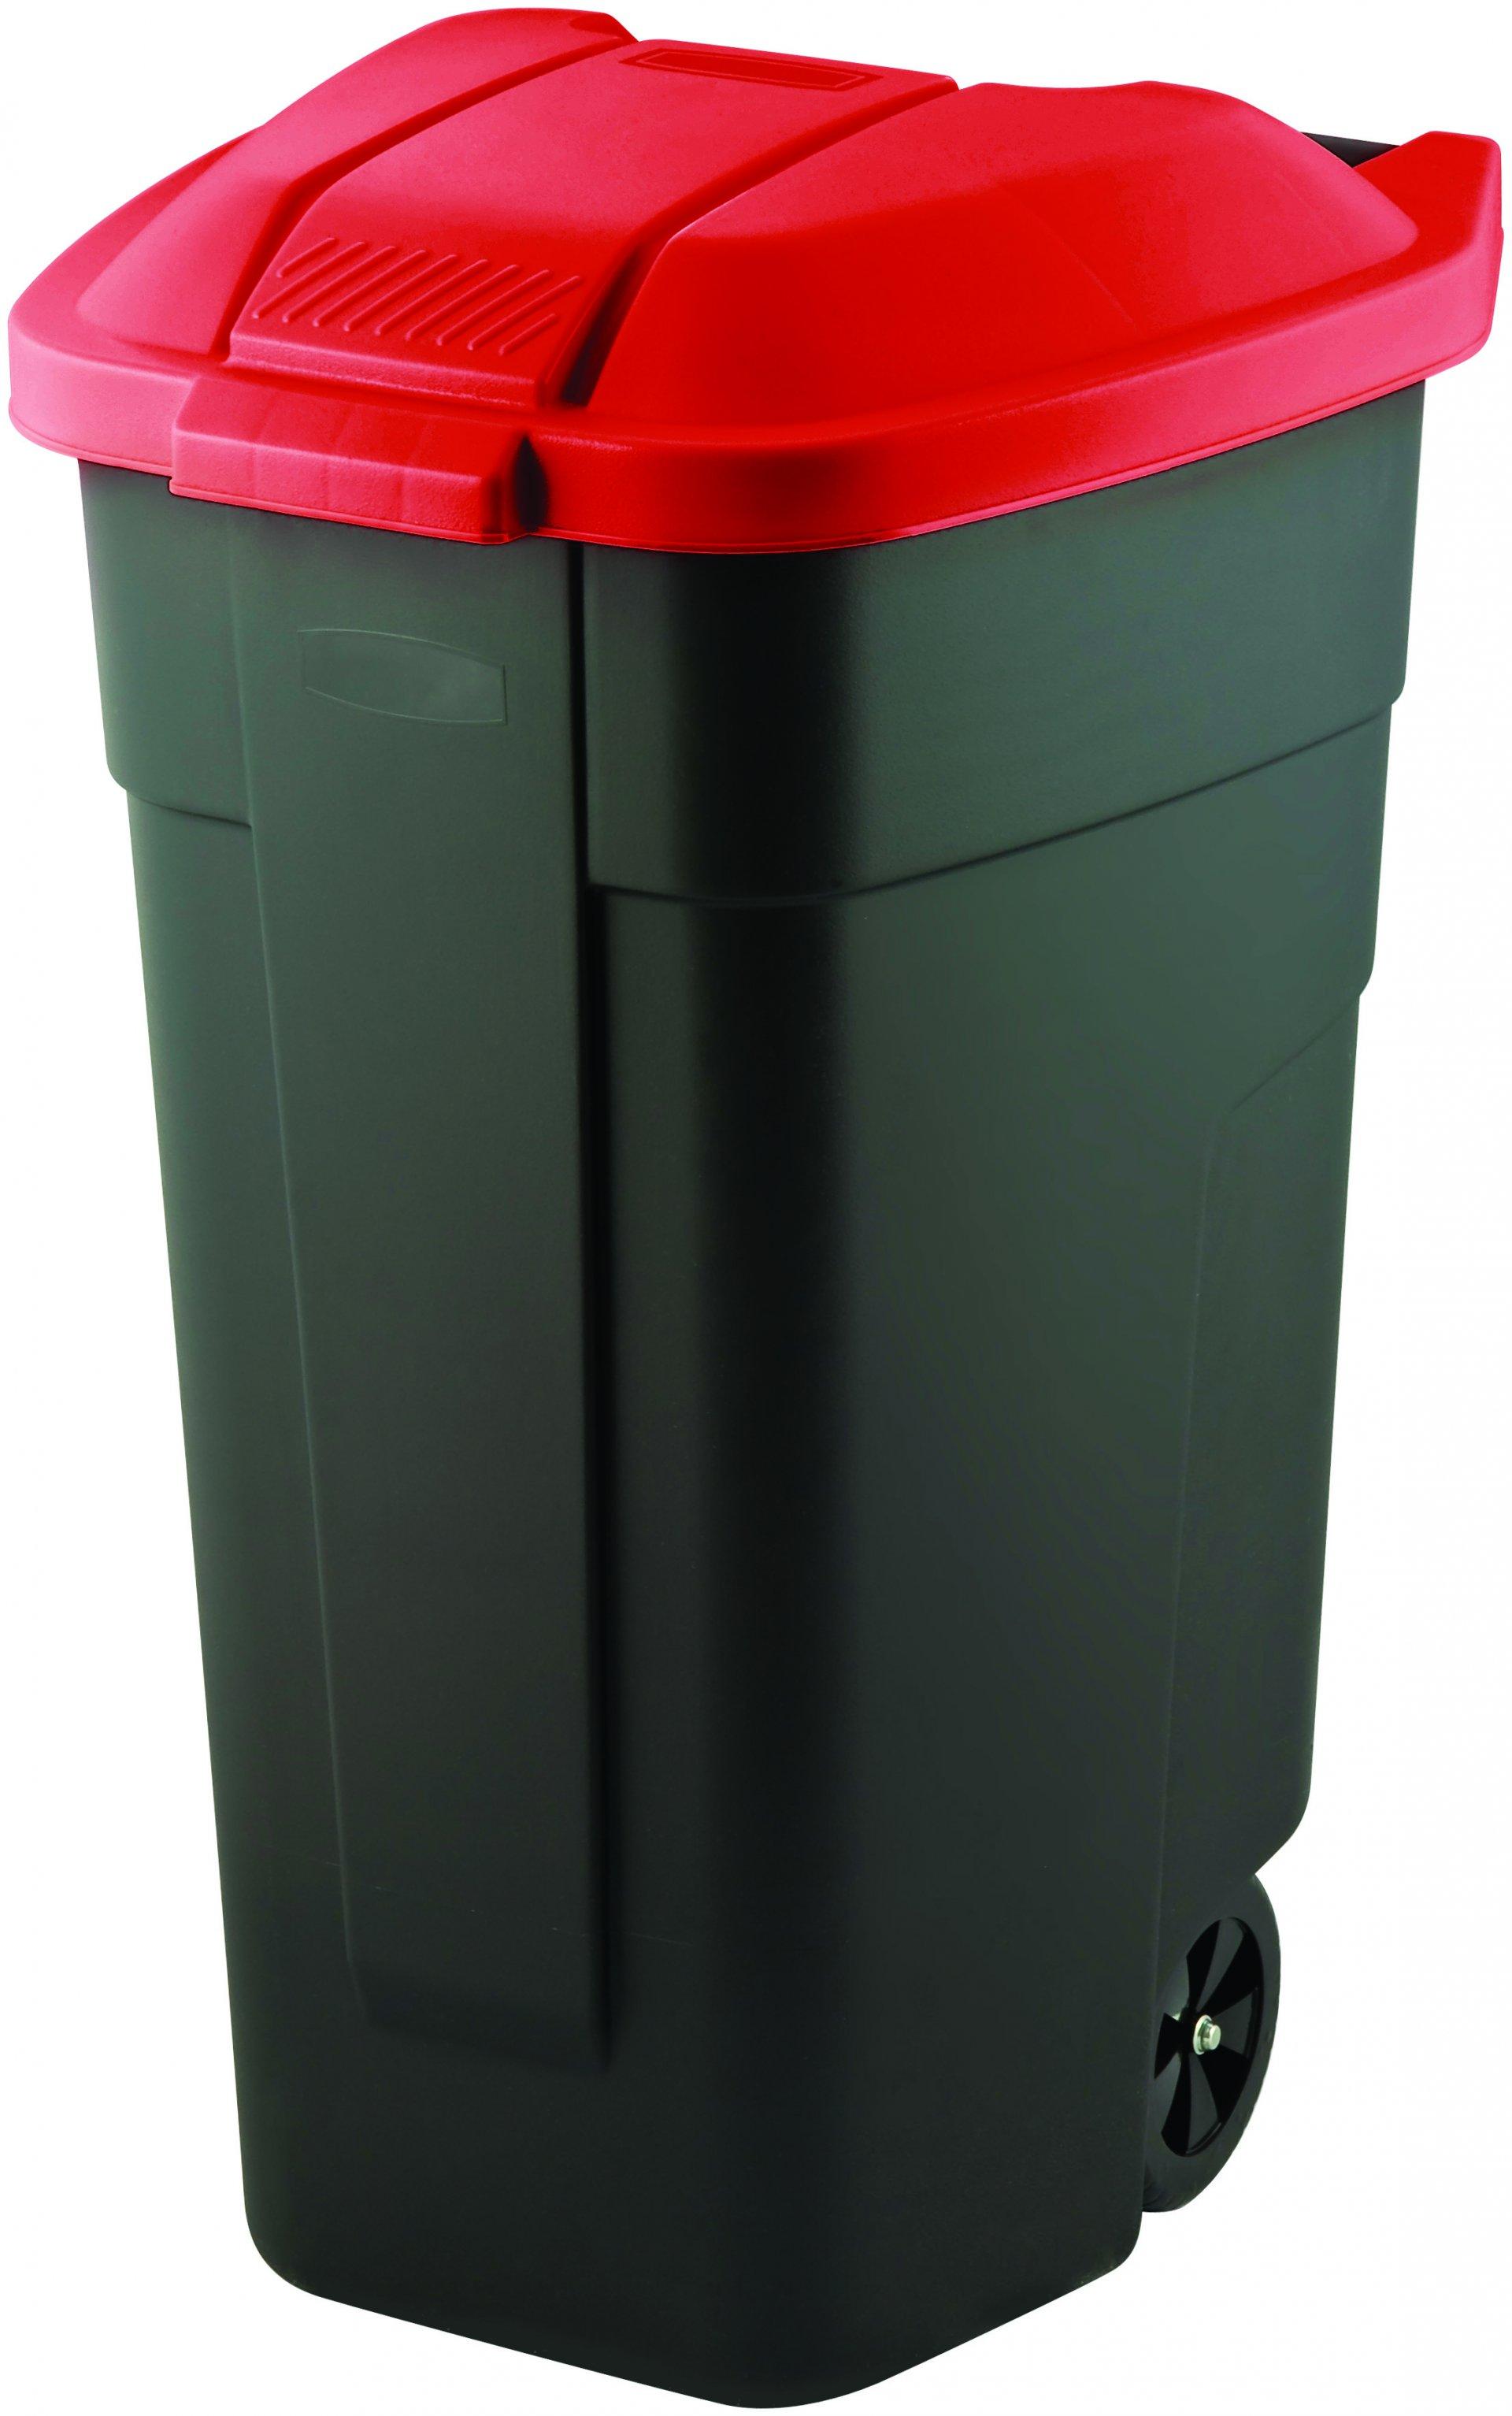 Curver popelnice, černá/červená, 110l